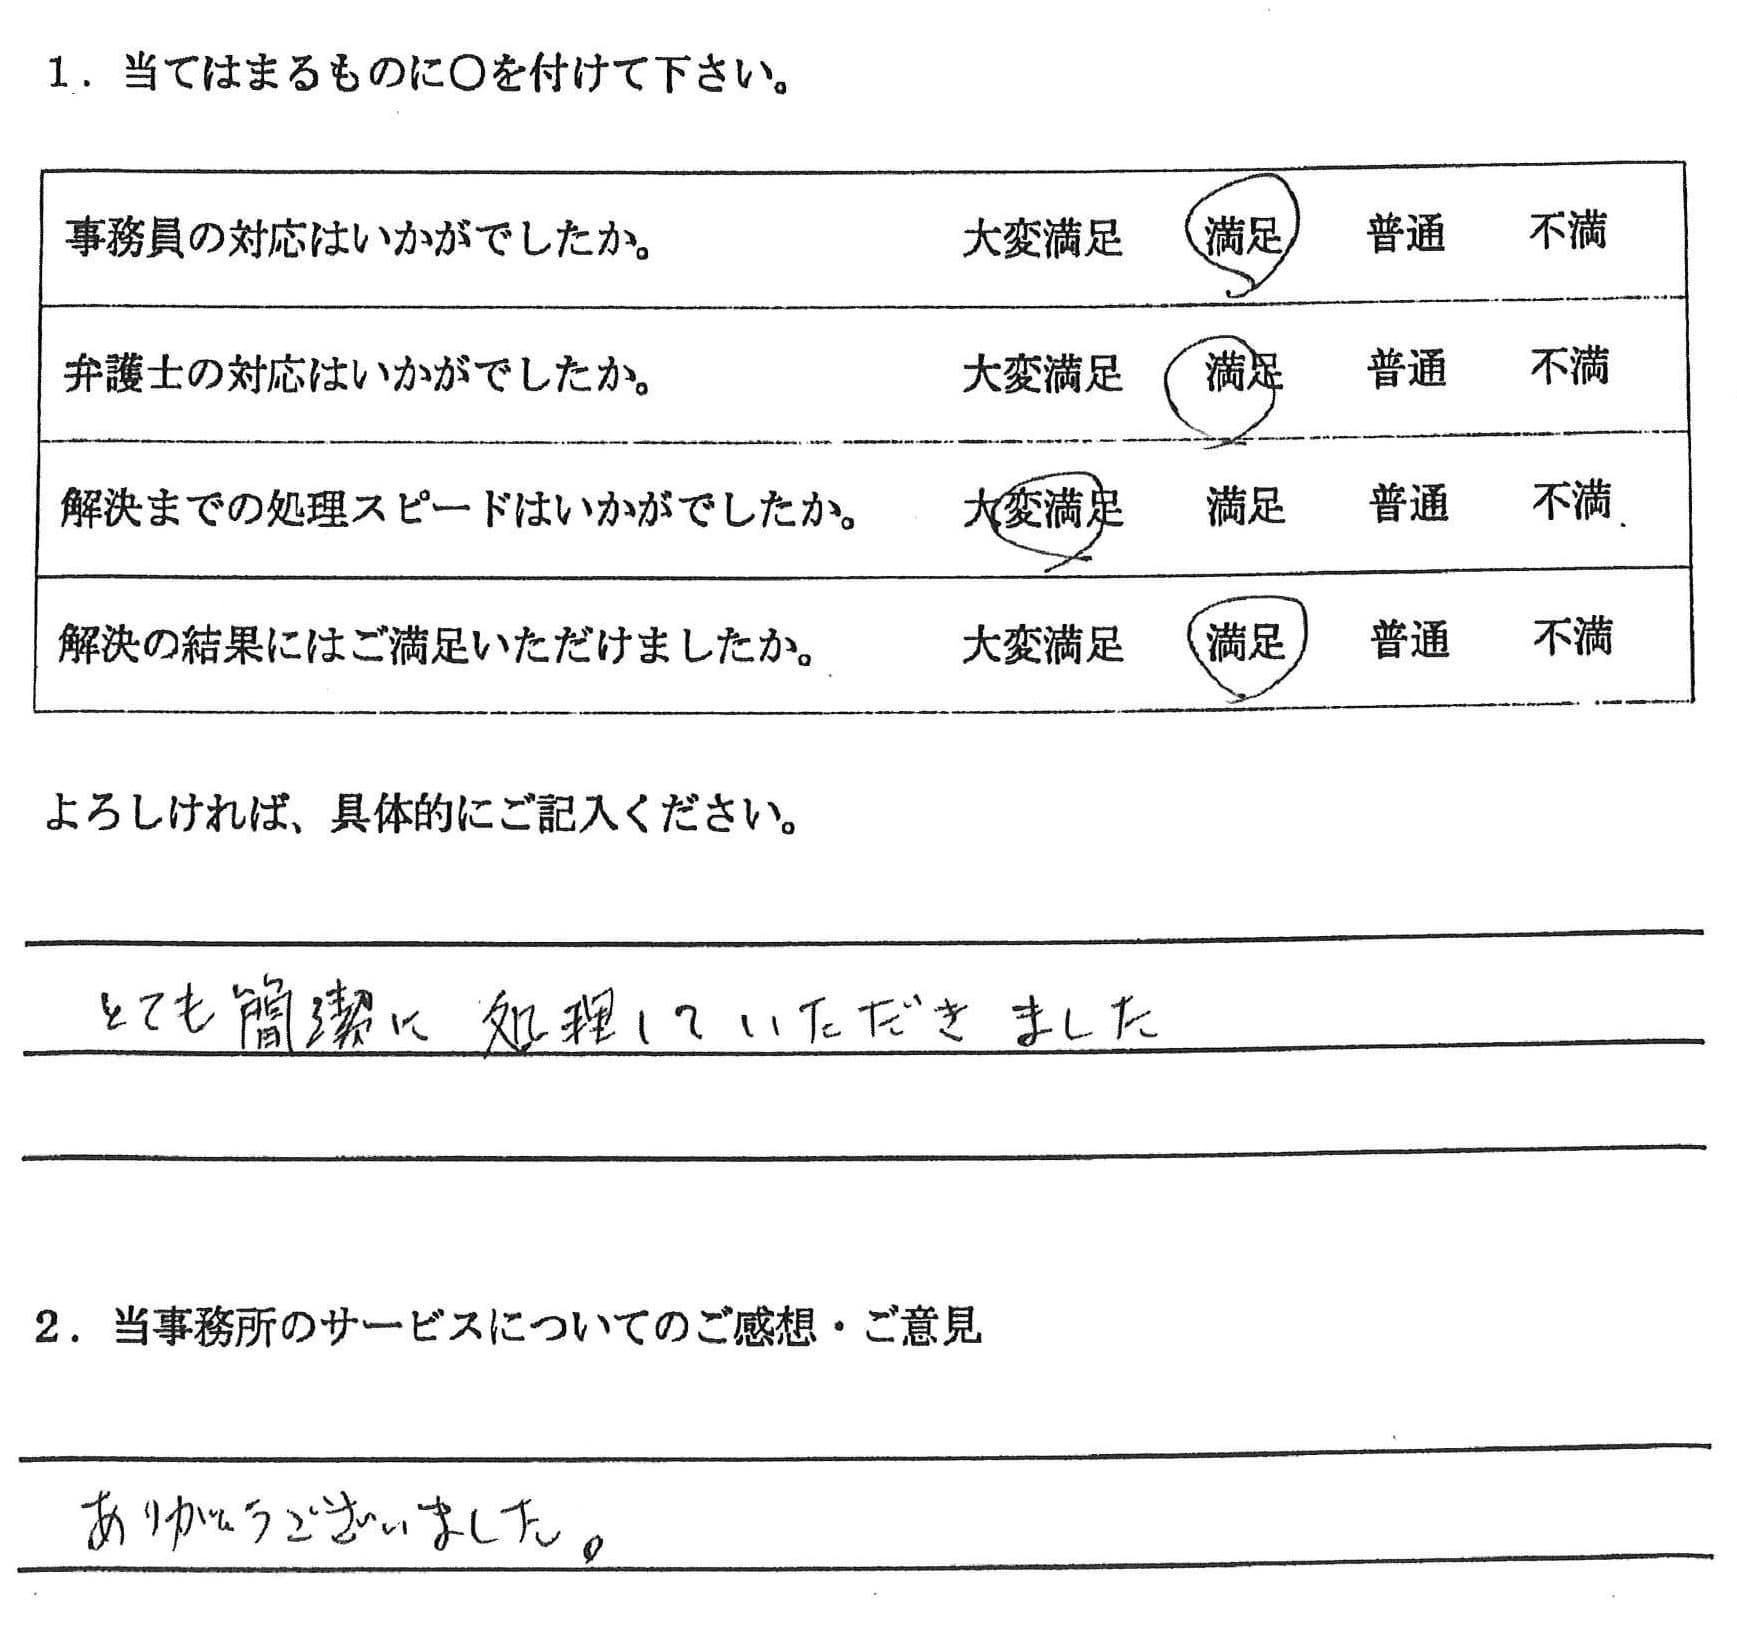 名古屋市不明代男性(債権回収) : とても簡潔に処理していただきました。 ありがとうございました。